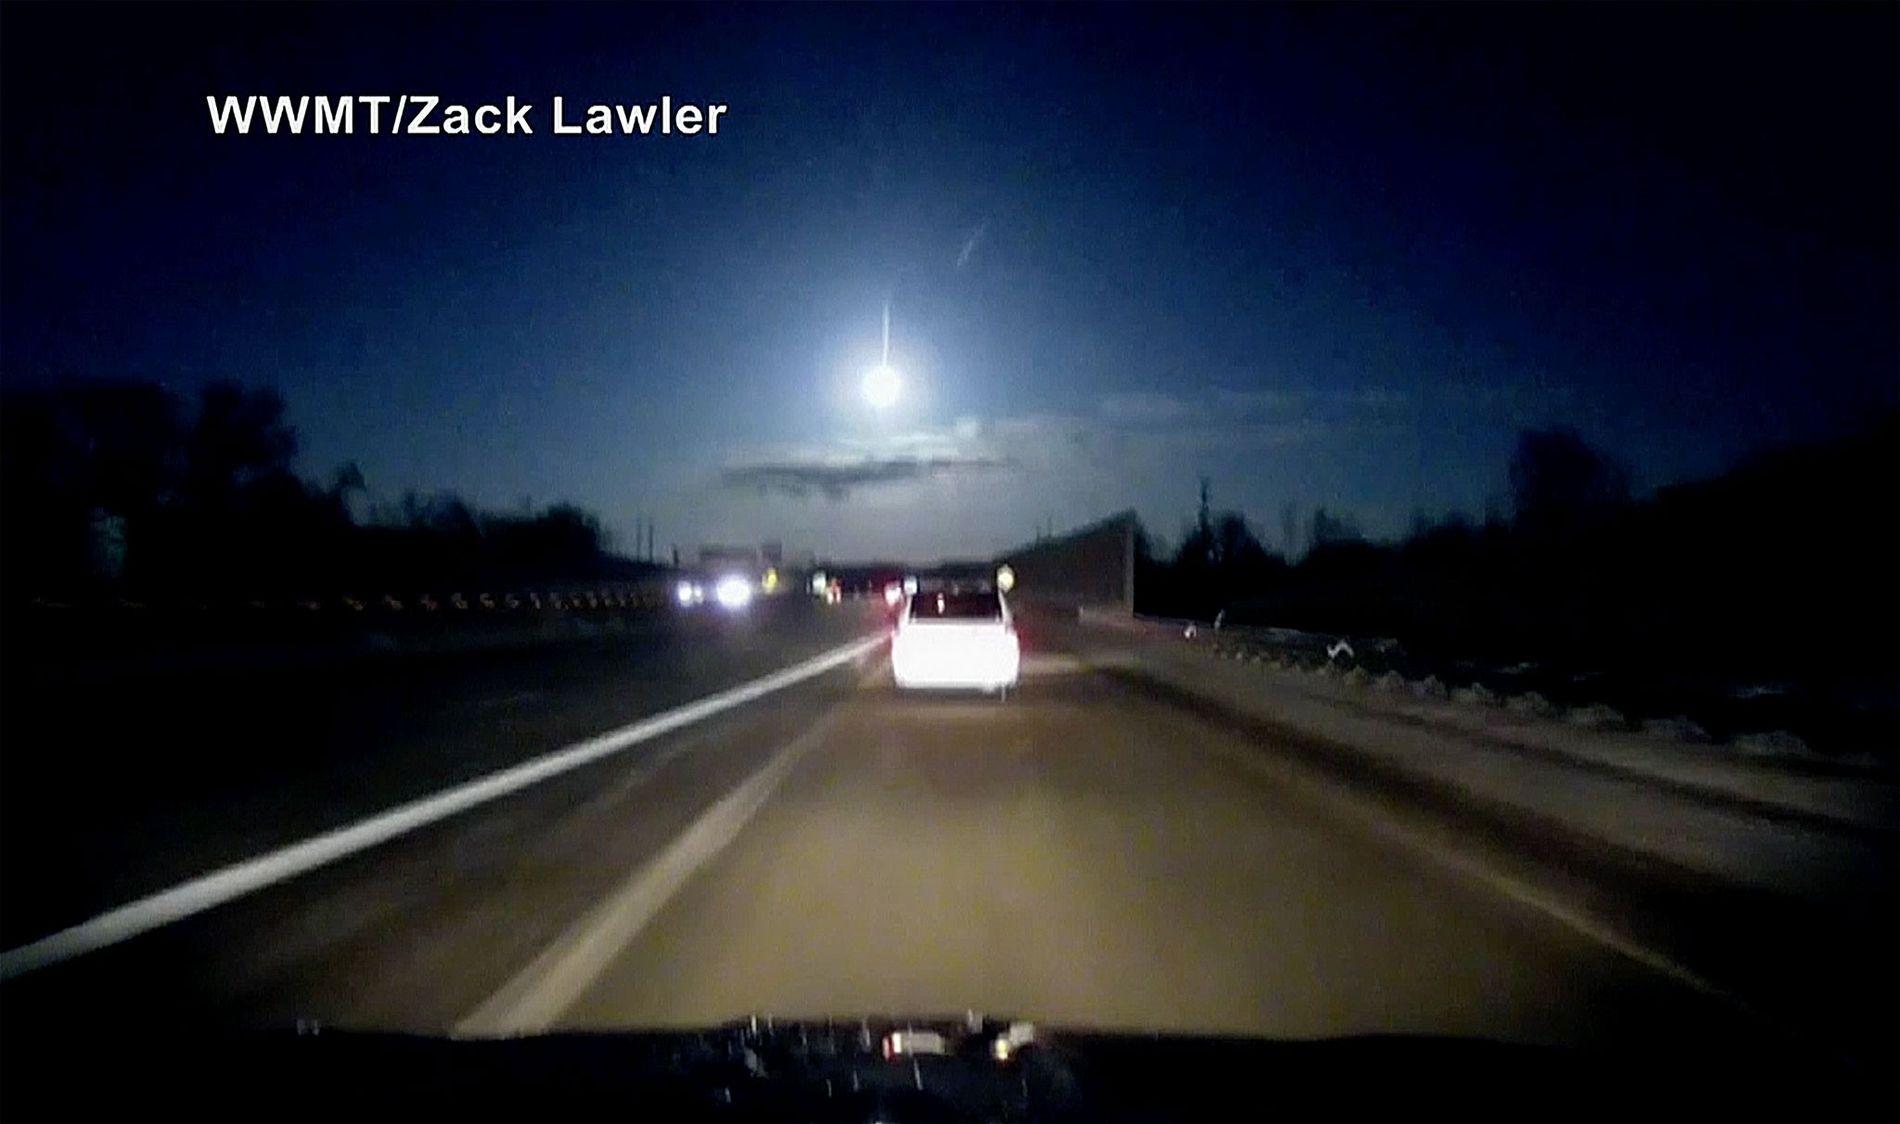 meteoro no céu dos EUA